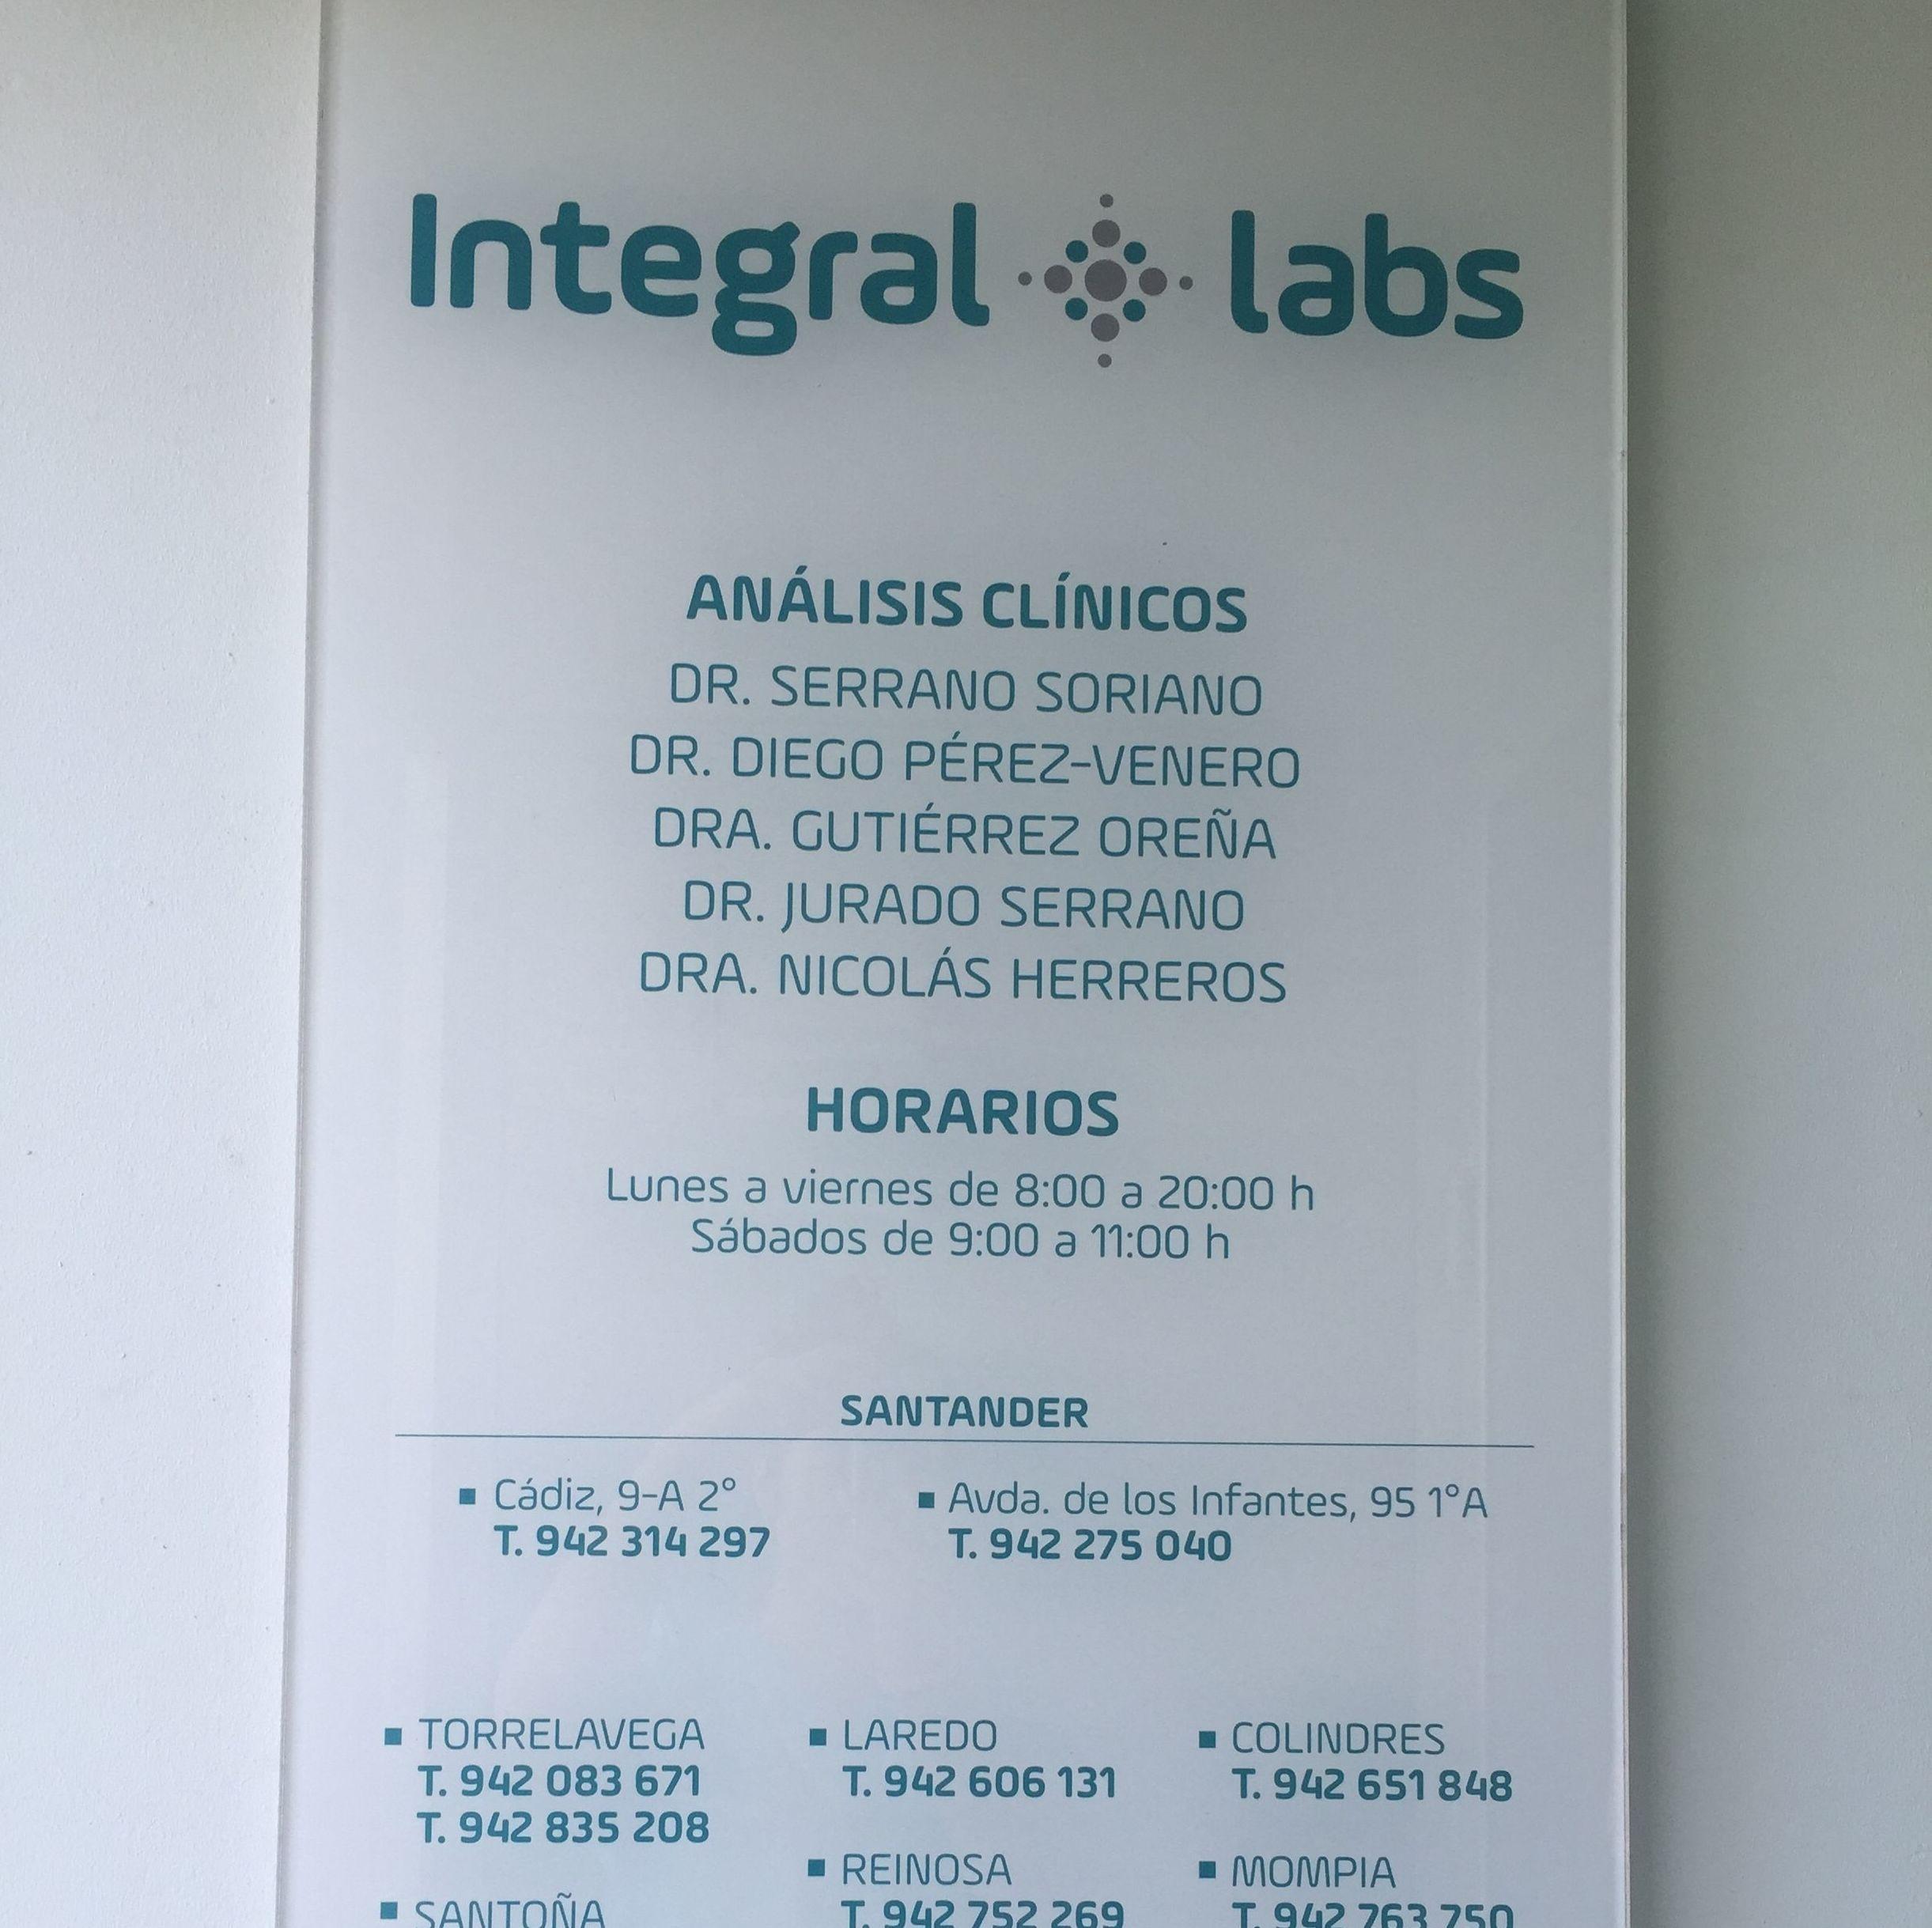 Foto 2 de Laboratorios de análisis clínicos en  | Integral Labs